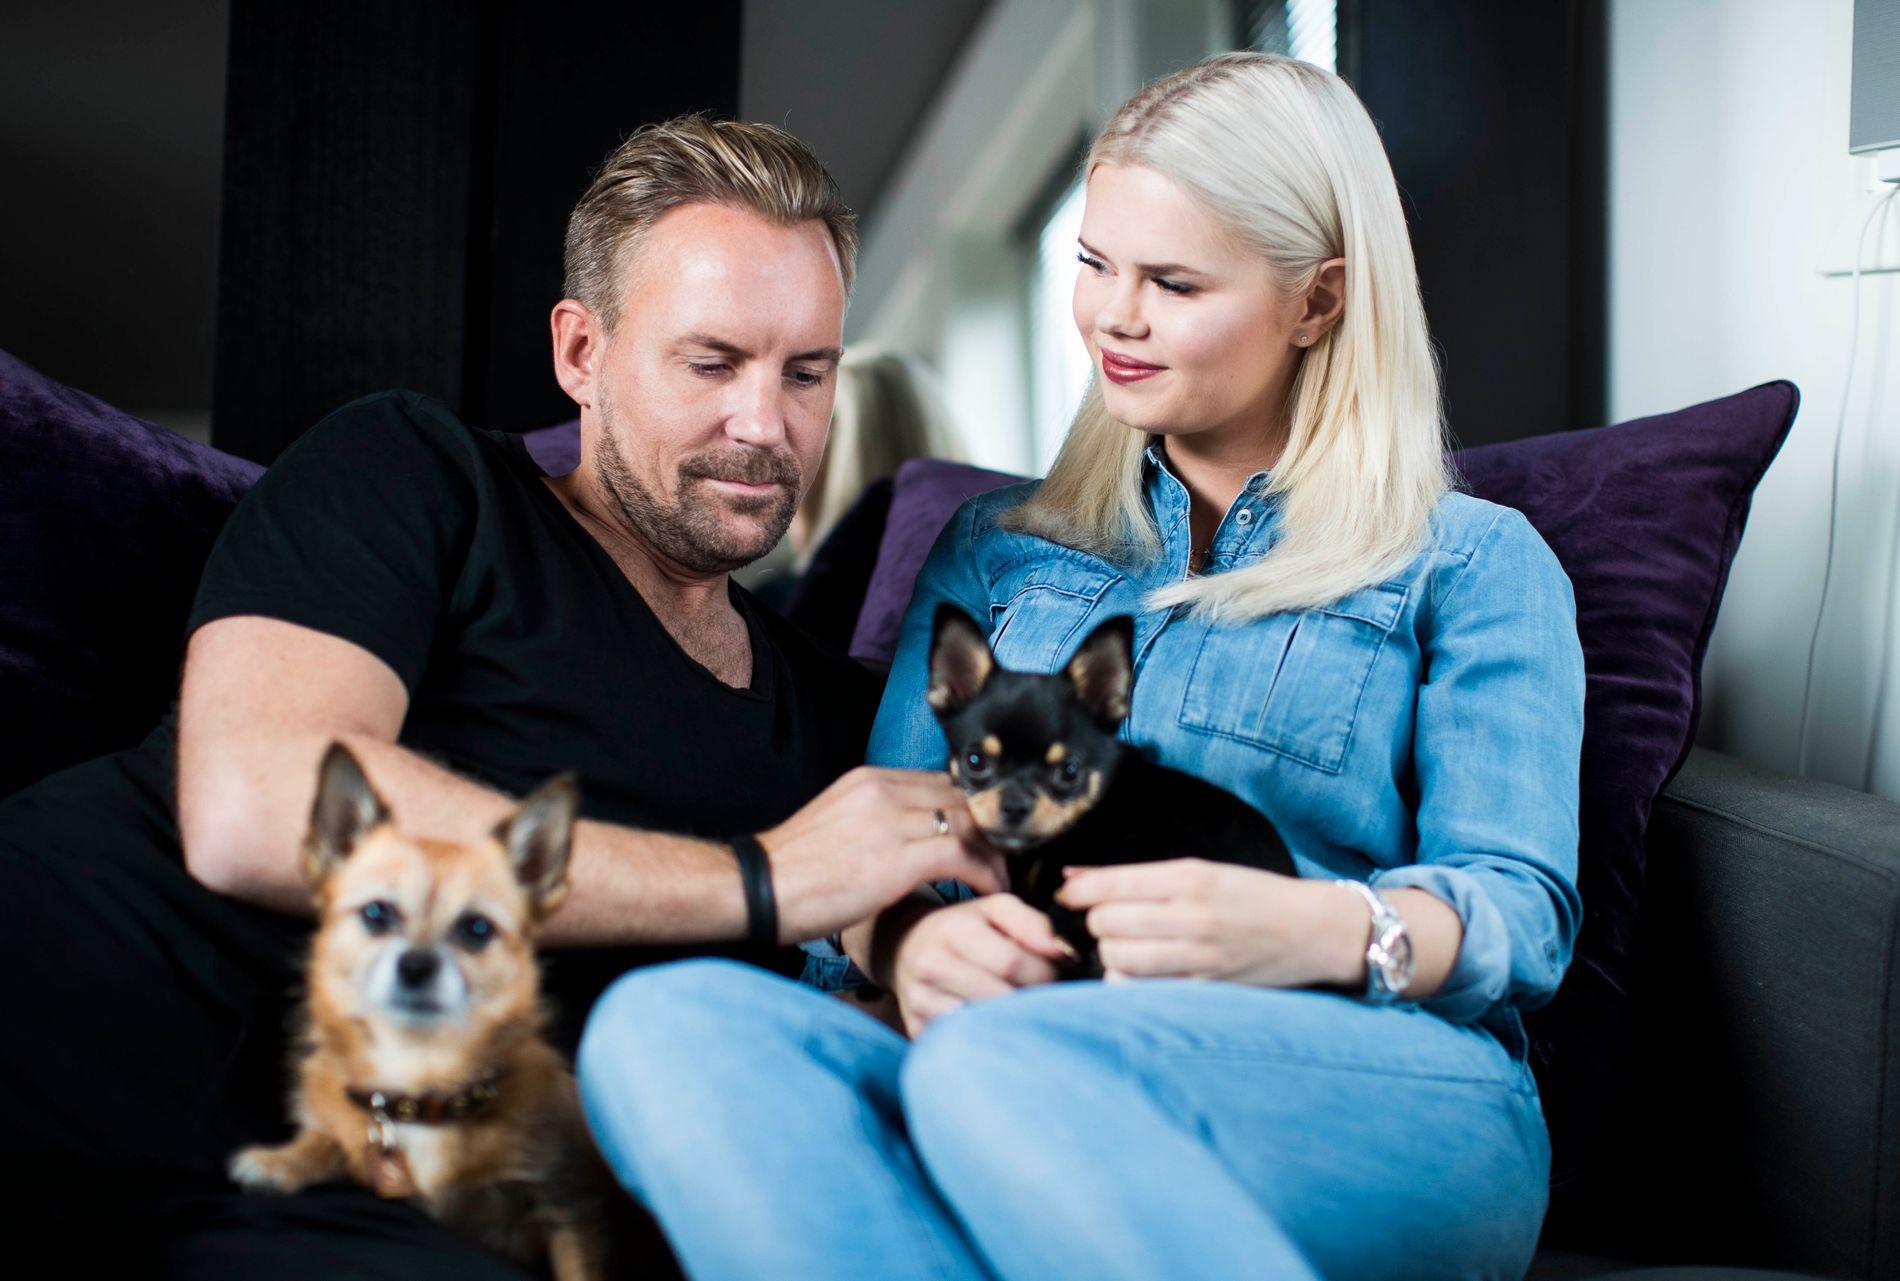 BLIR FORELDRE: I begynnelsen av sommeren venter Julianne og Ulrik Nygård en liten gutt.